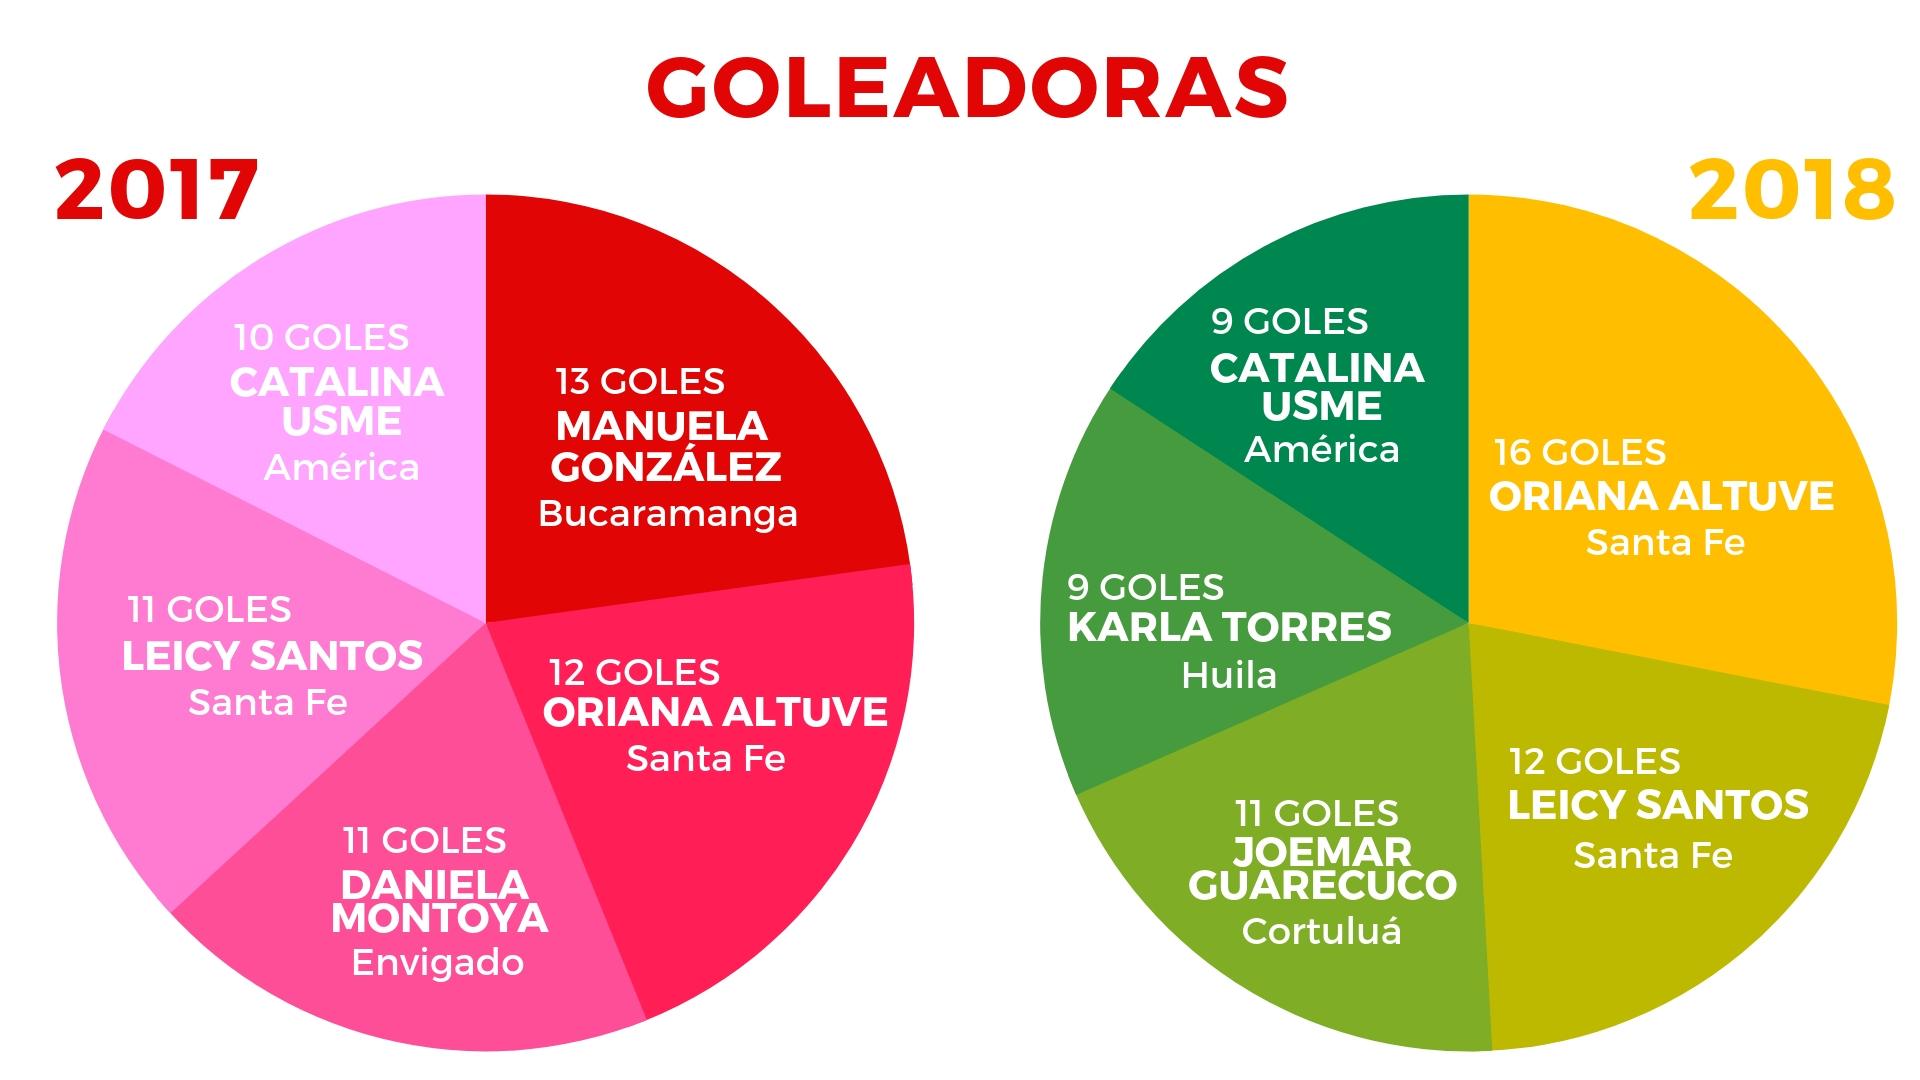 Goleadoras